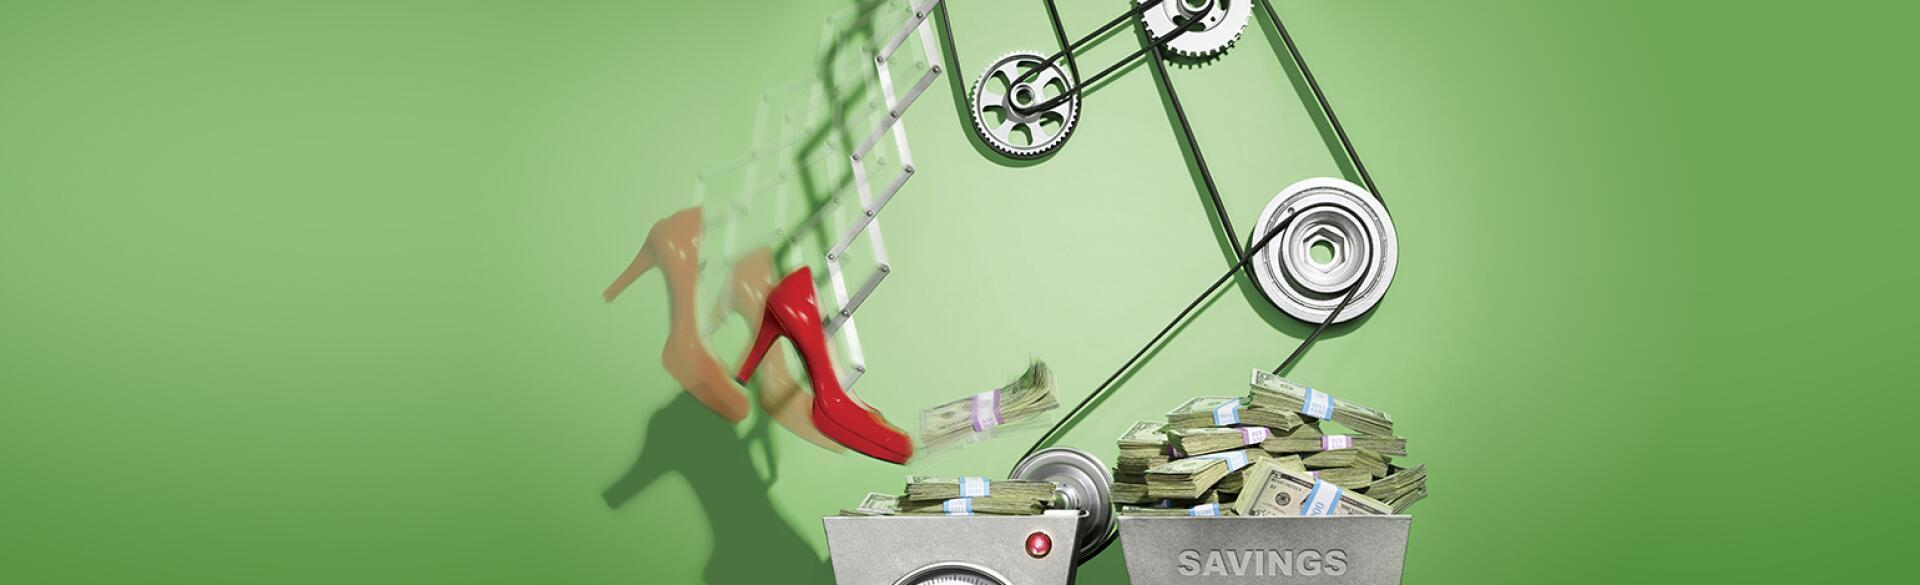 money being kicked into savings pile